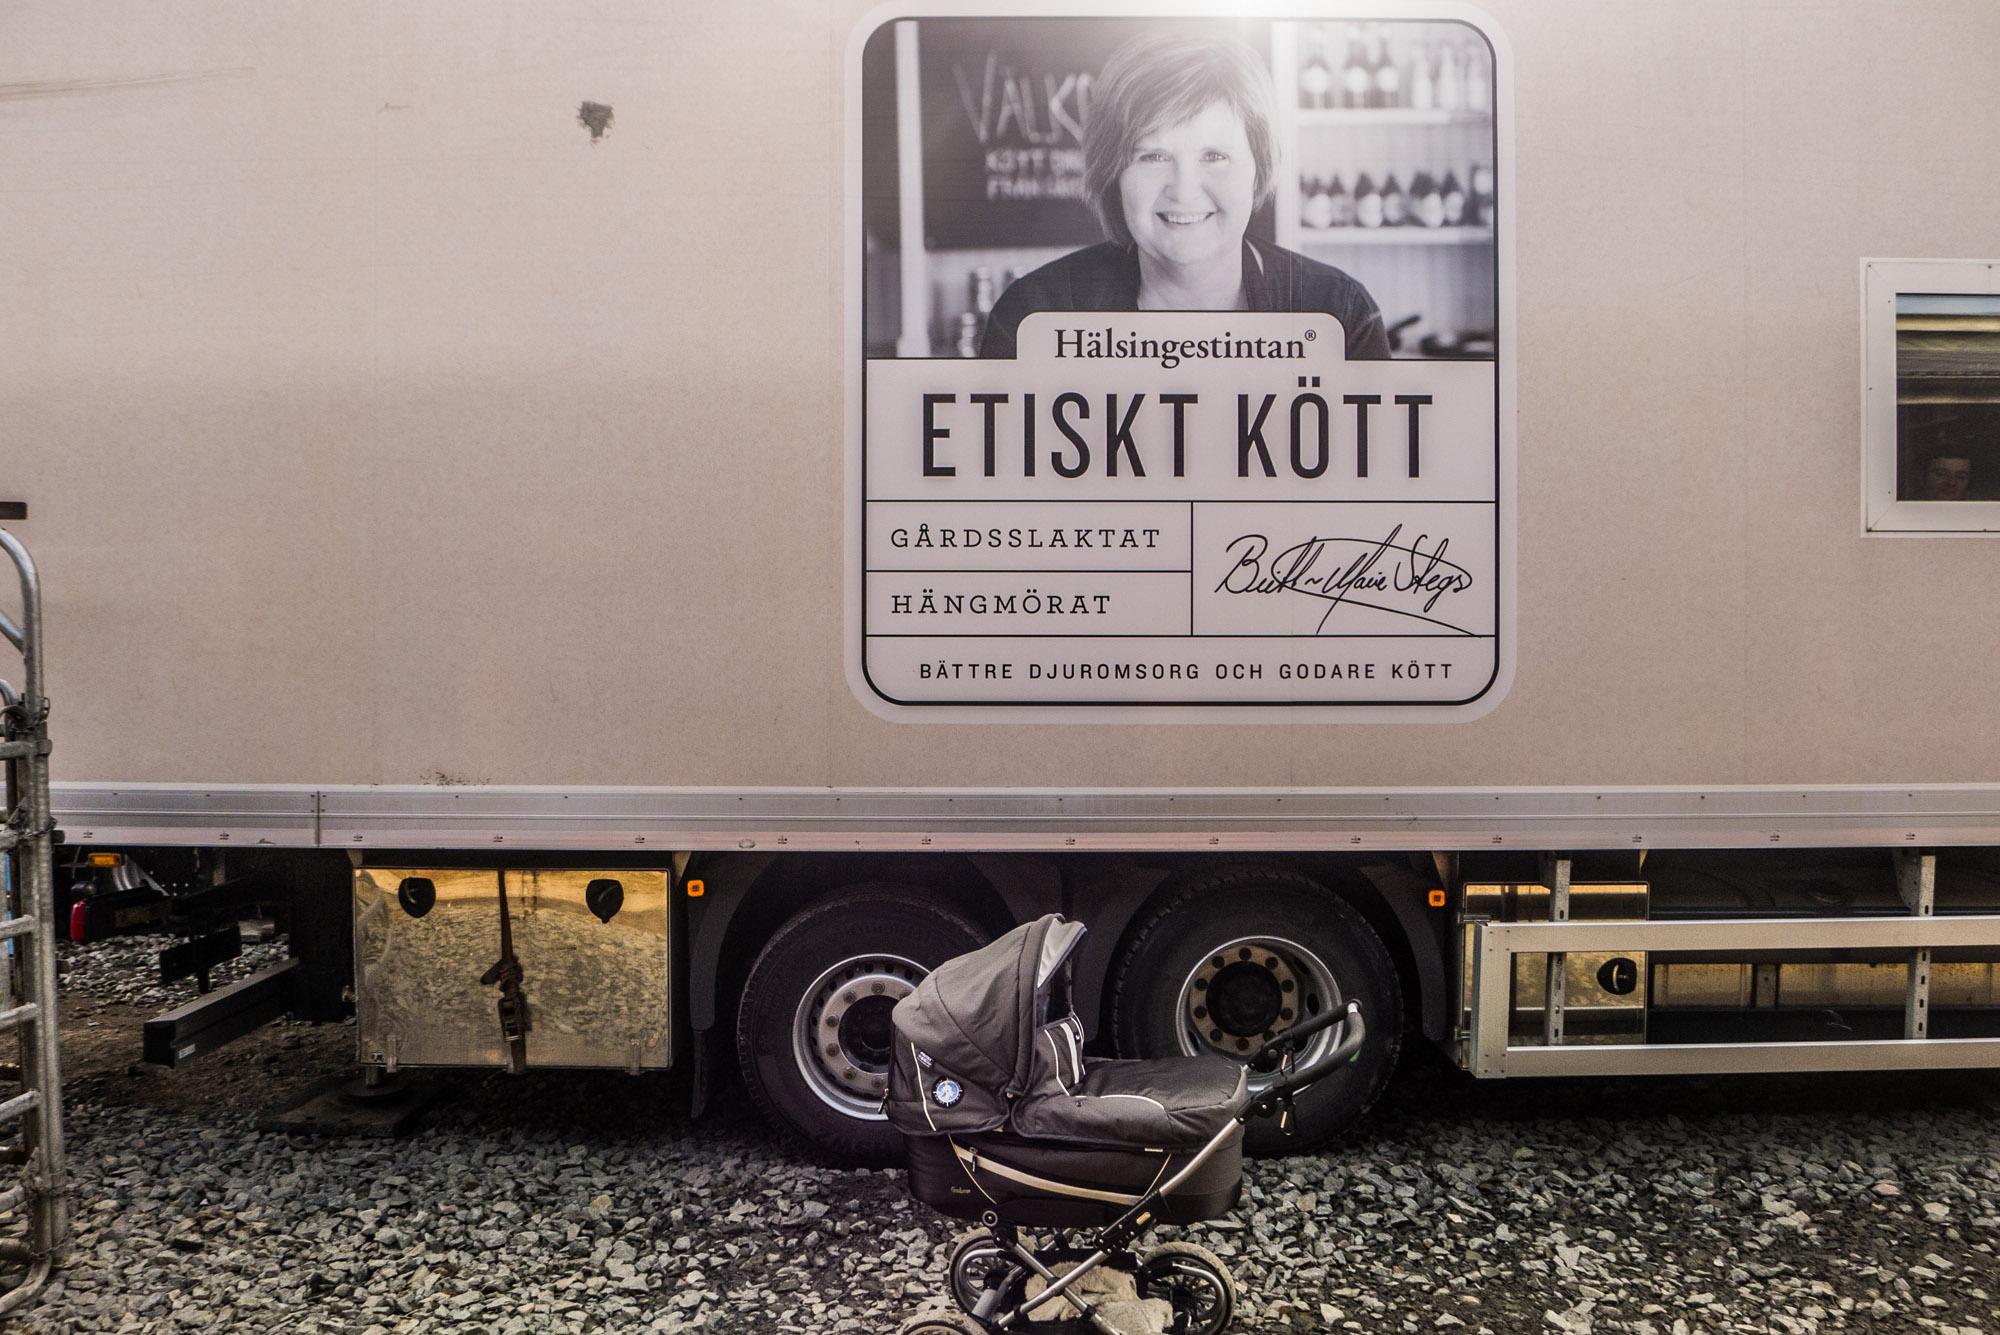 """«Etiskt Tött"""" signifie """"viande éthique"""". Aujourd'hui, Hälsingestintan ne travaille qu'avec une trentaine de fermes dans tout le pays, mais elle ne choisit que les éleveurs respectueux du bien-être de leur bétail. Quitte à les payer davantage qu'un abattoir classique pour chaque vache achetée. """"Bien sur ça nous coute plus cher à nous, et plus cher au consommateur ensuite [De 1 à 10€ plus cher par kilo selon les pièces]. Mais il faut arrêter de penser la viande en termes de coûts. Vous n'avez pas besoin de manger 200 grammes de viande à chaque repas, il vaut mieux réduire mais acheter des morceaux de qualité», martèle Britt-Marie, PDG de l'entreprise. (photo Charles Perragin & Margot Hemmerich/8e étage)"""